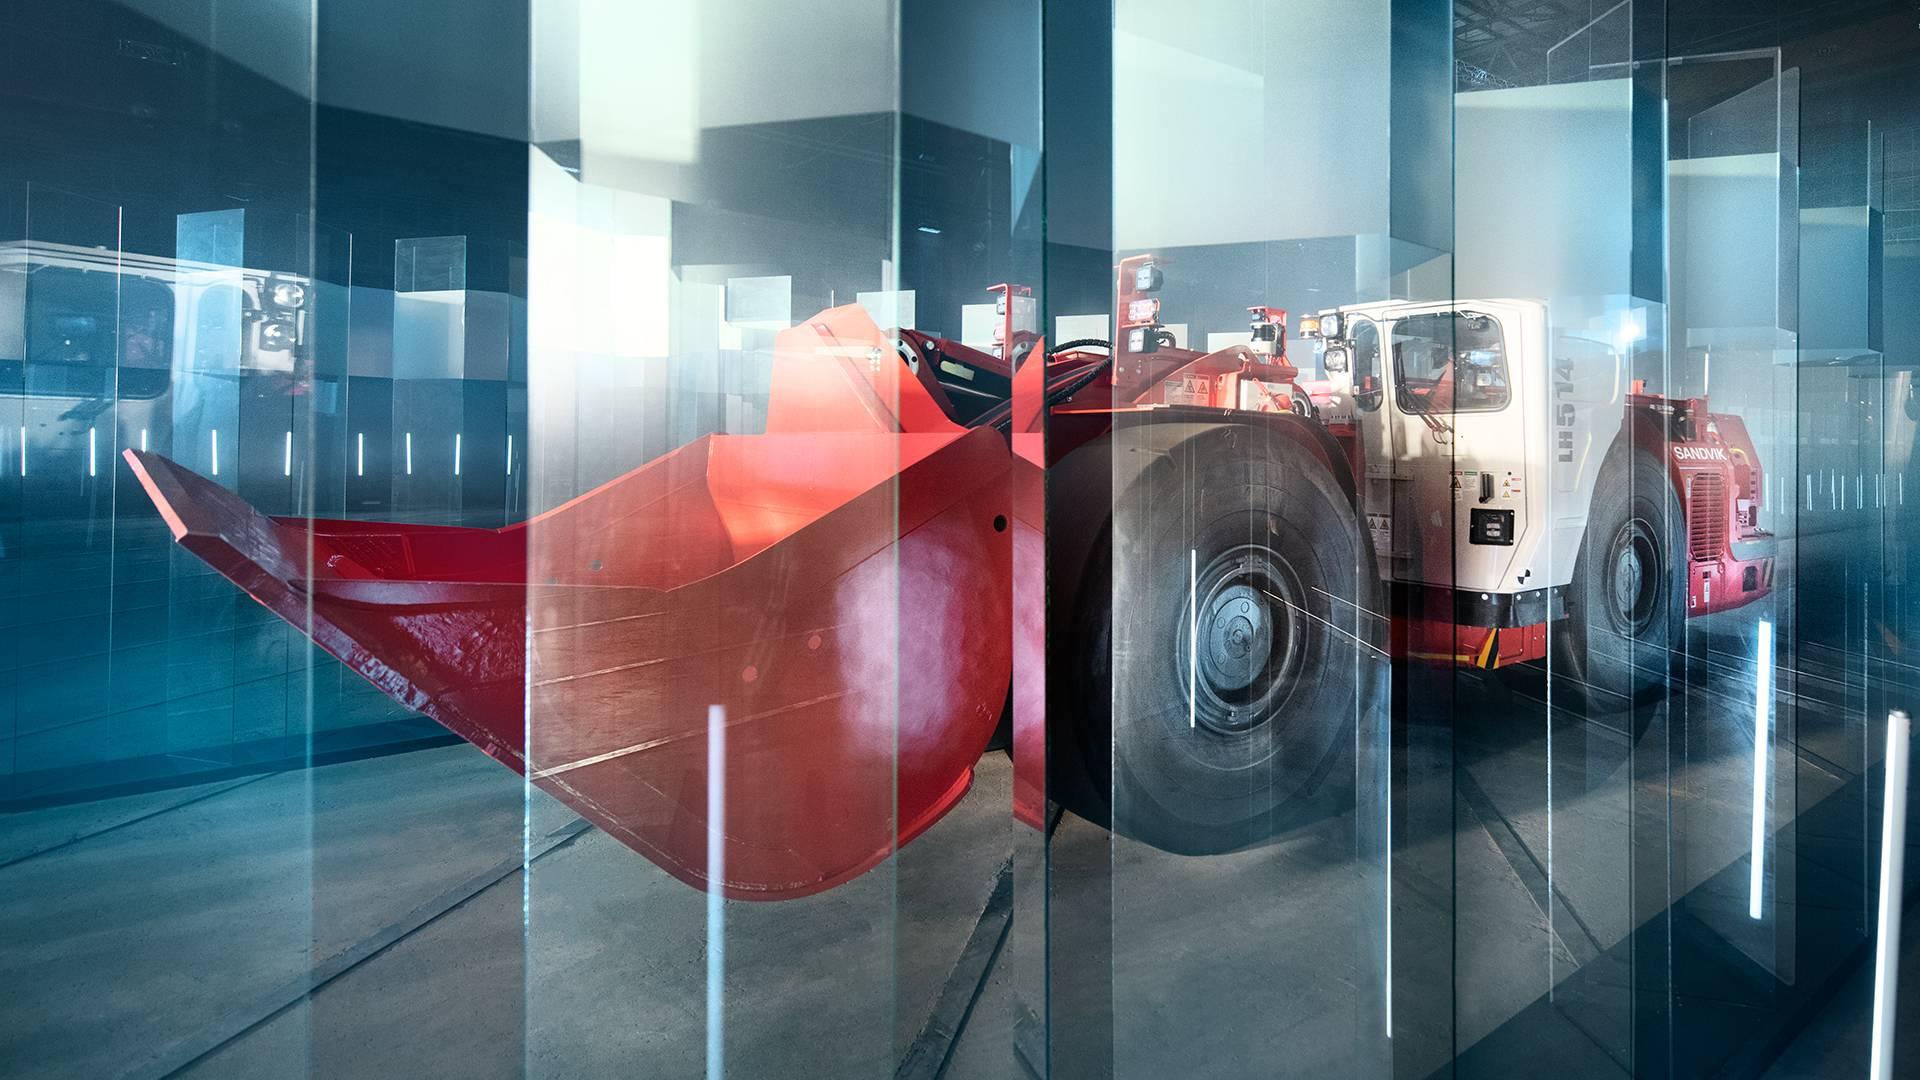 لودر بدون راننده، دستاور جدید صنعت خودروسازی + تصاویر